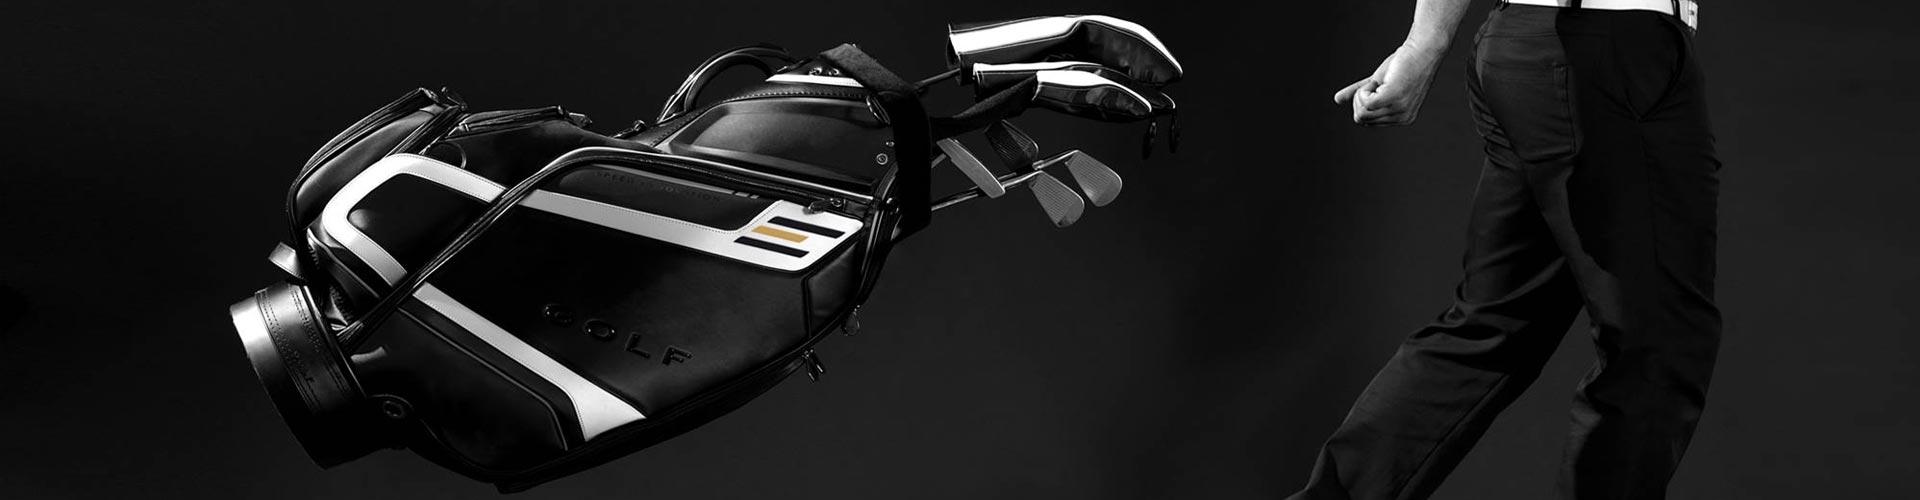 Eval-Golf chariot de golf innovant